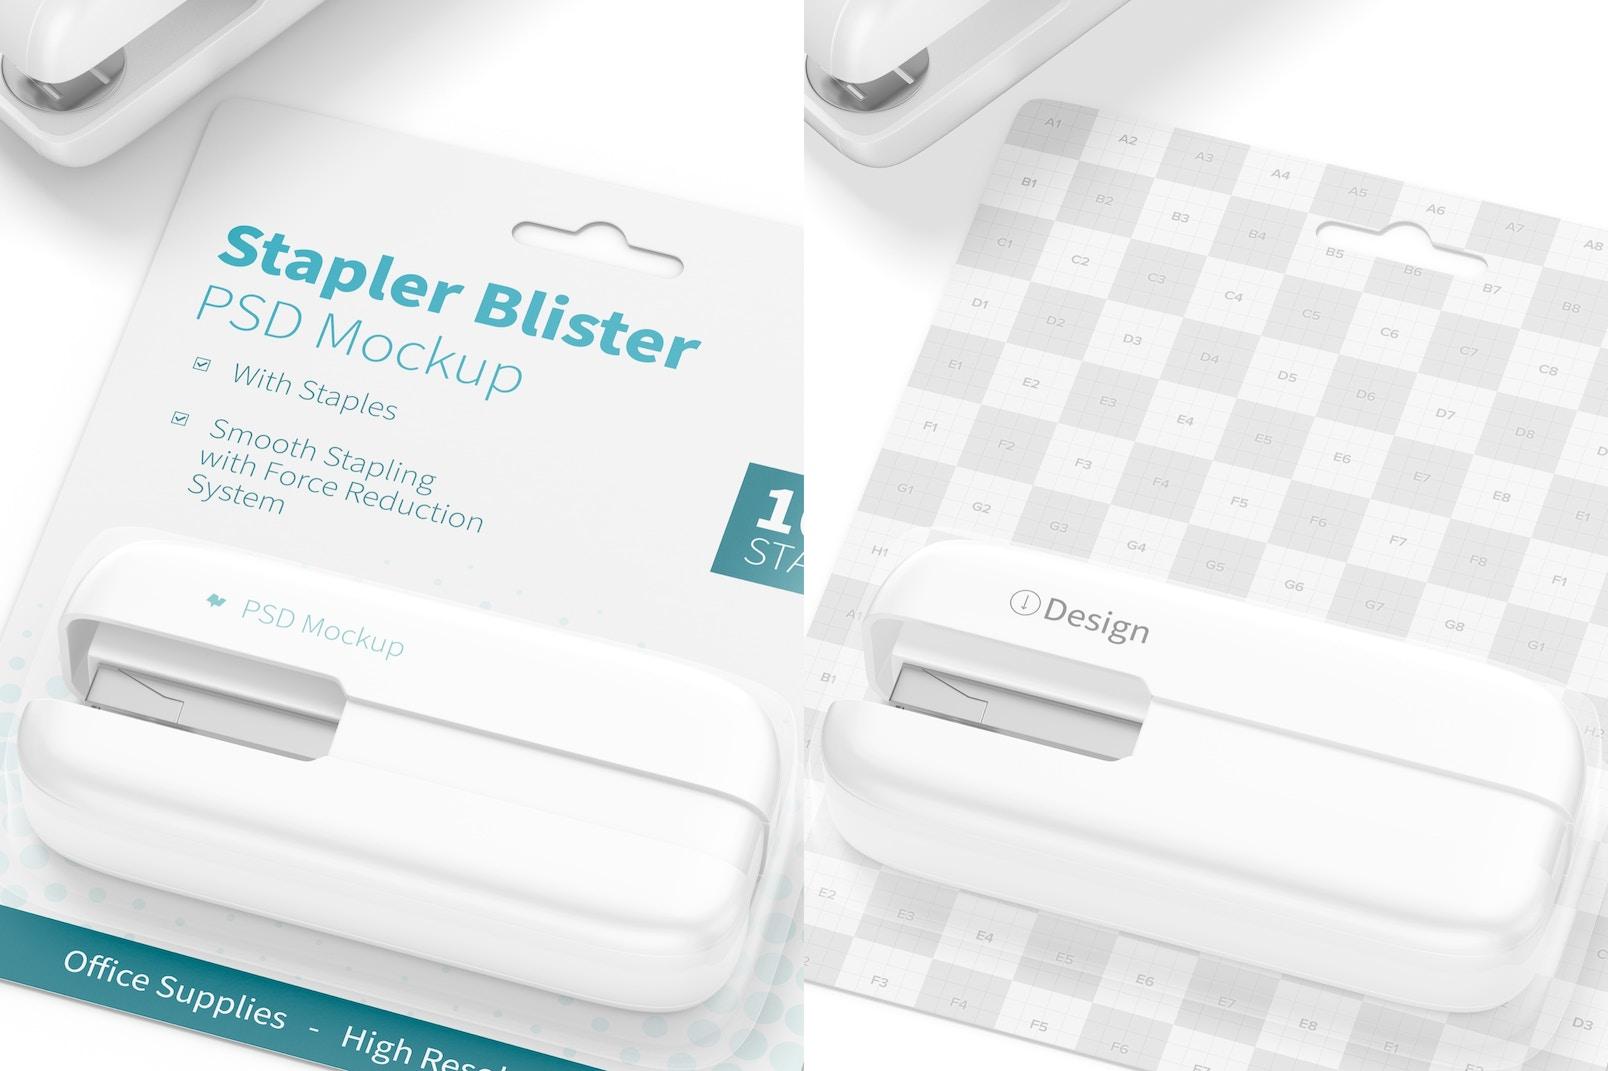 Stapler Blister Mockup, Close Up